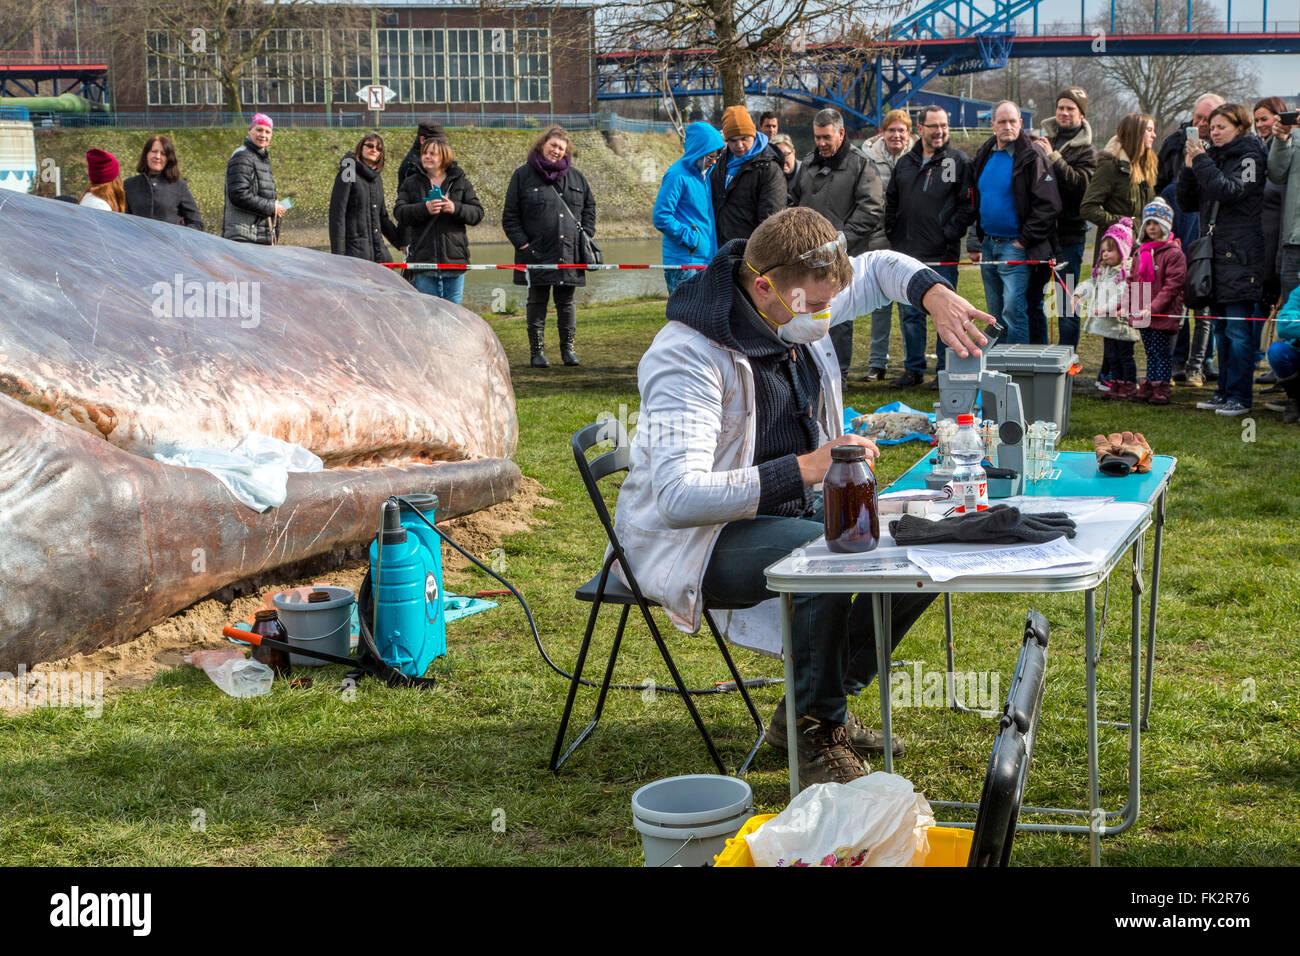 Balena arenata, un arte in termini di prestazioni durante il Duisburger Akzente, un festival di arte a Duisburg Immagini Stock